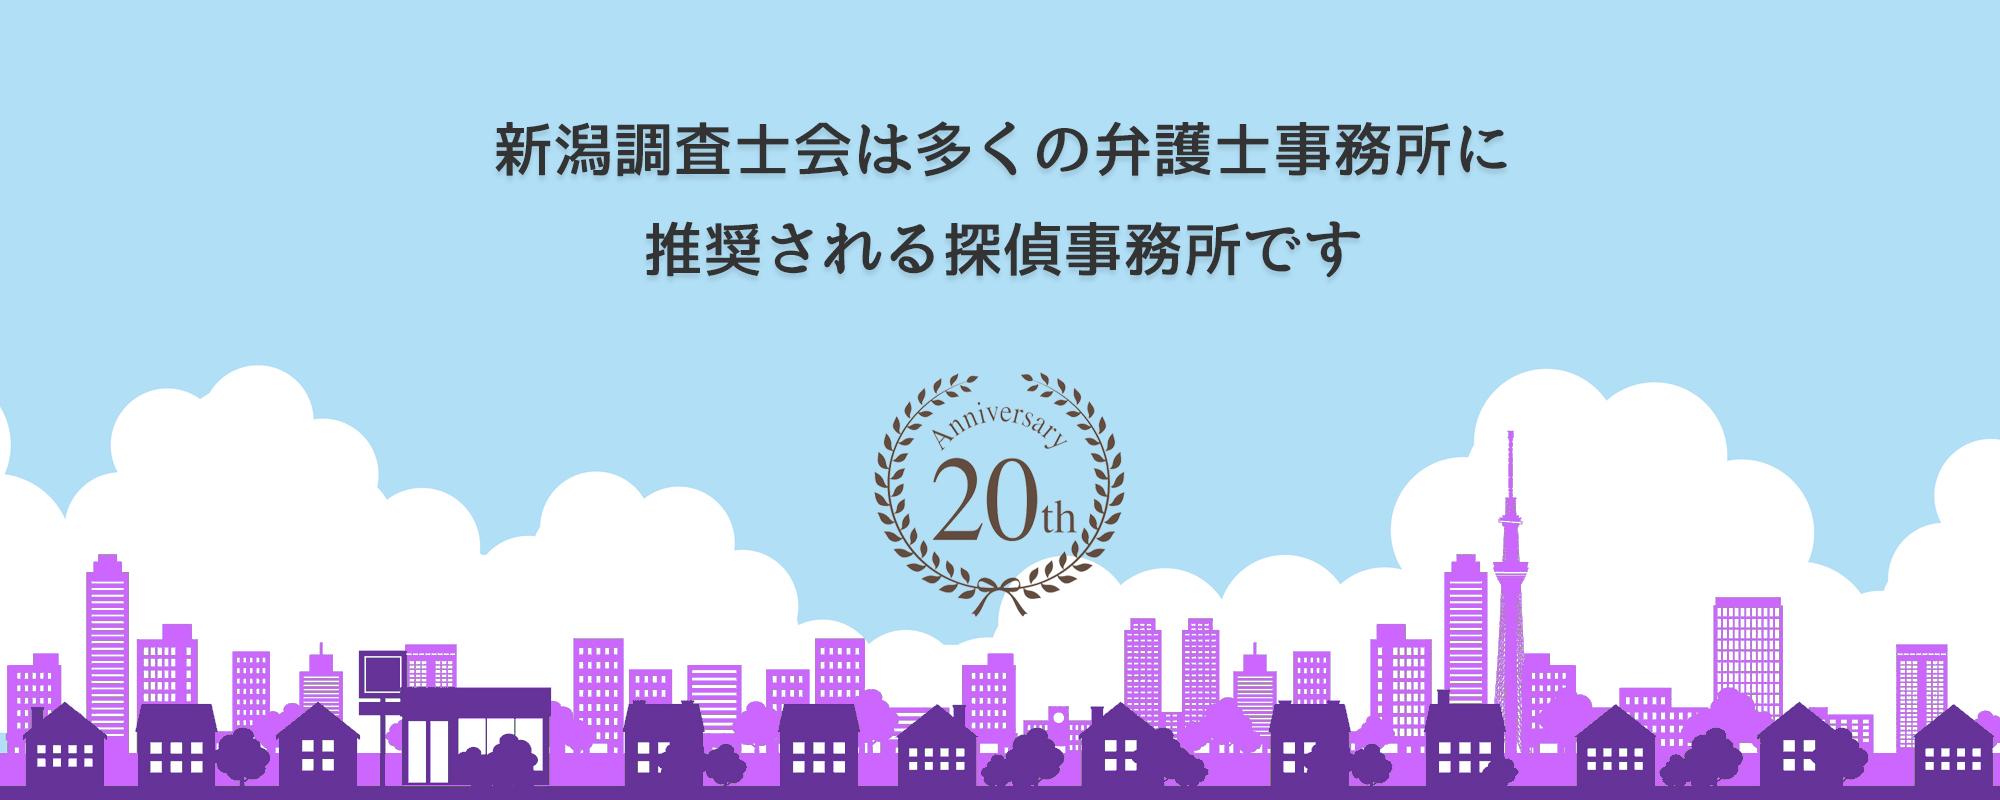 新潟相談室は多くの弁護士事務所に推奨されています。